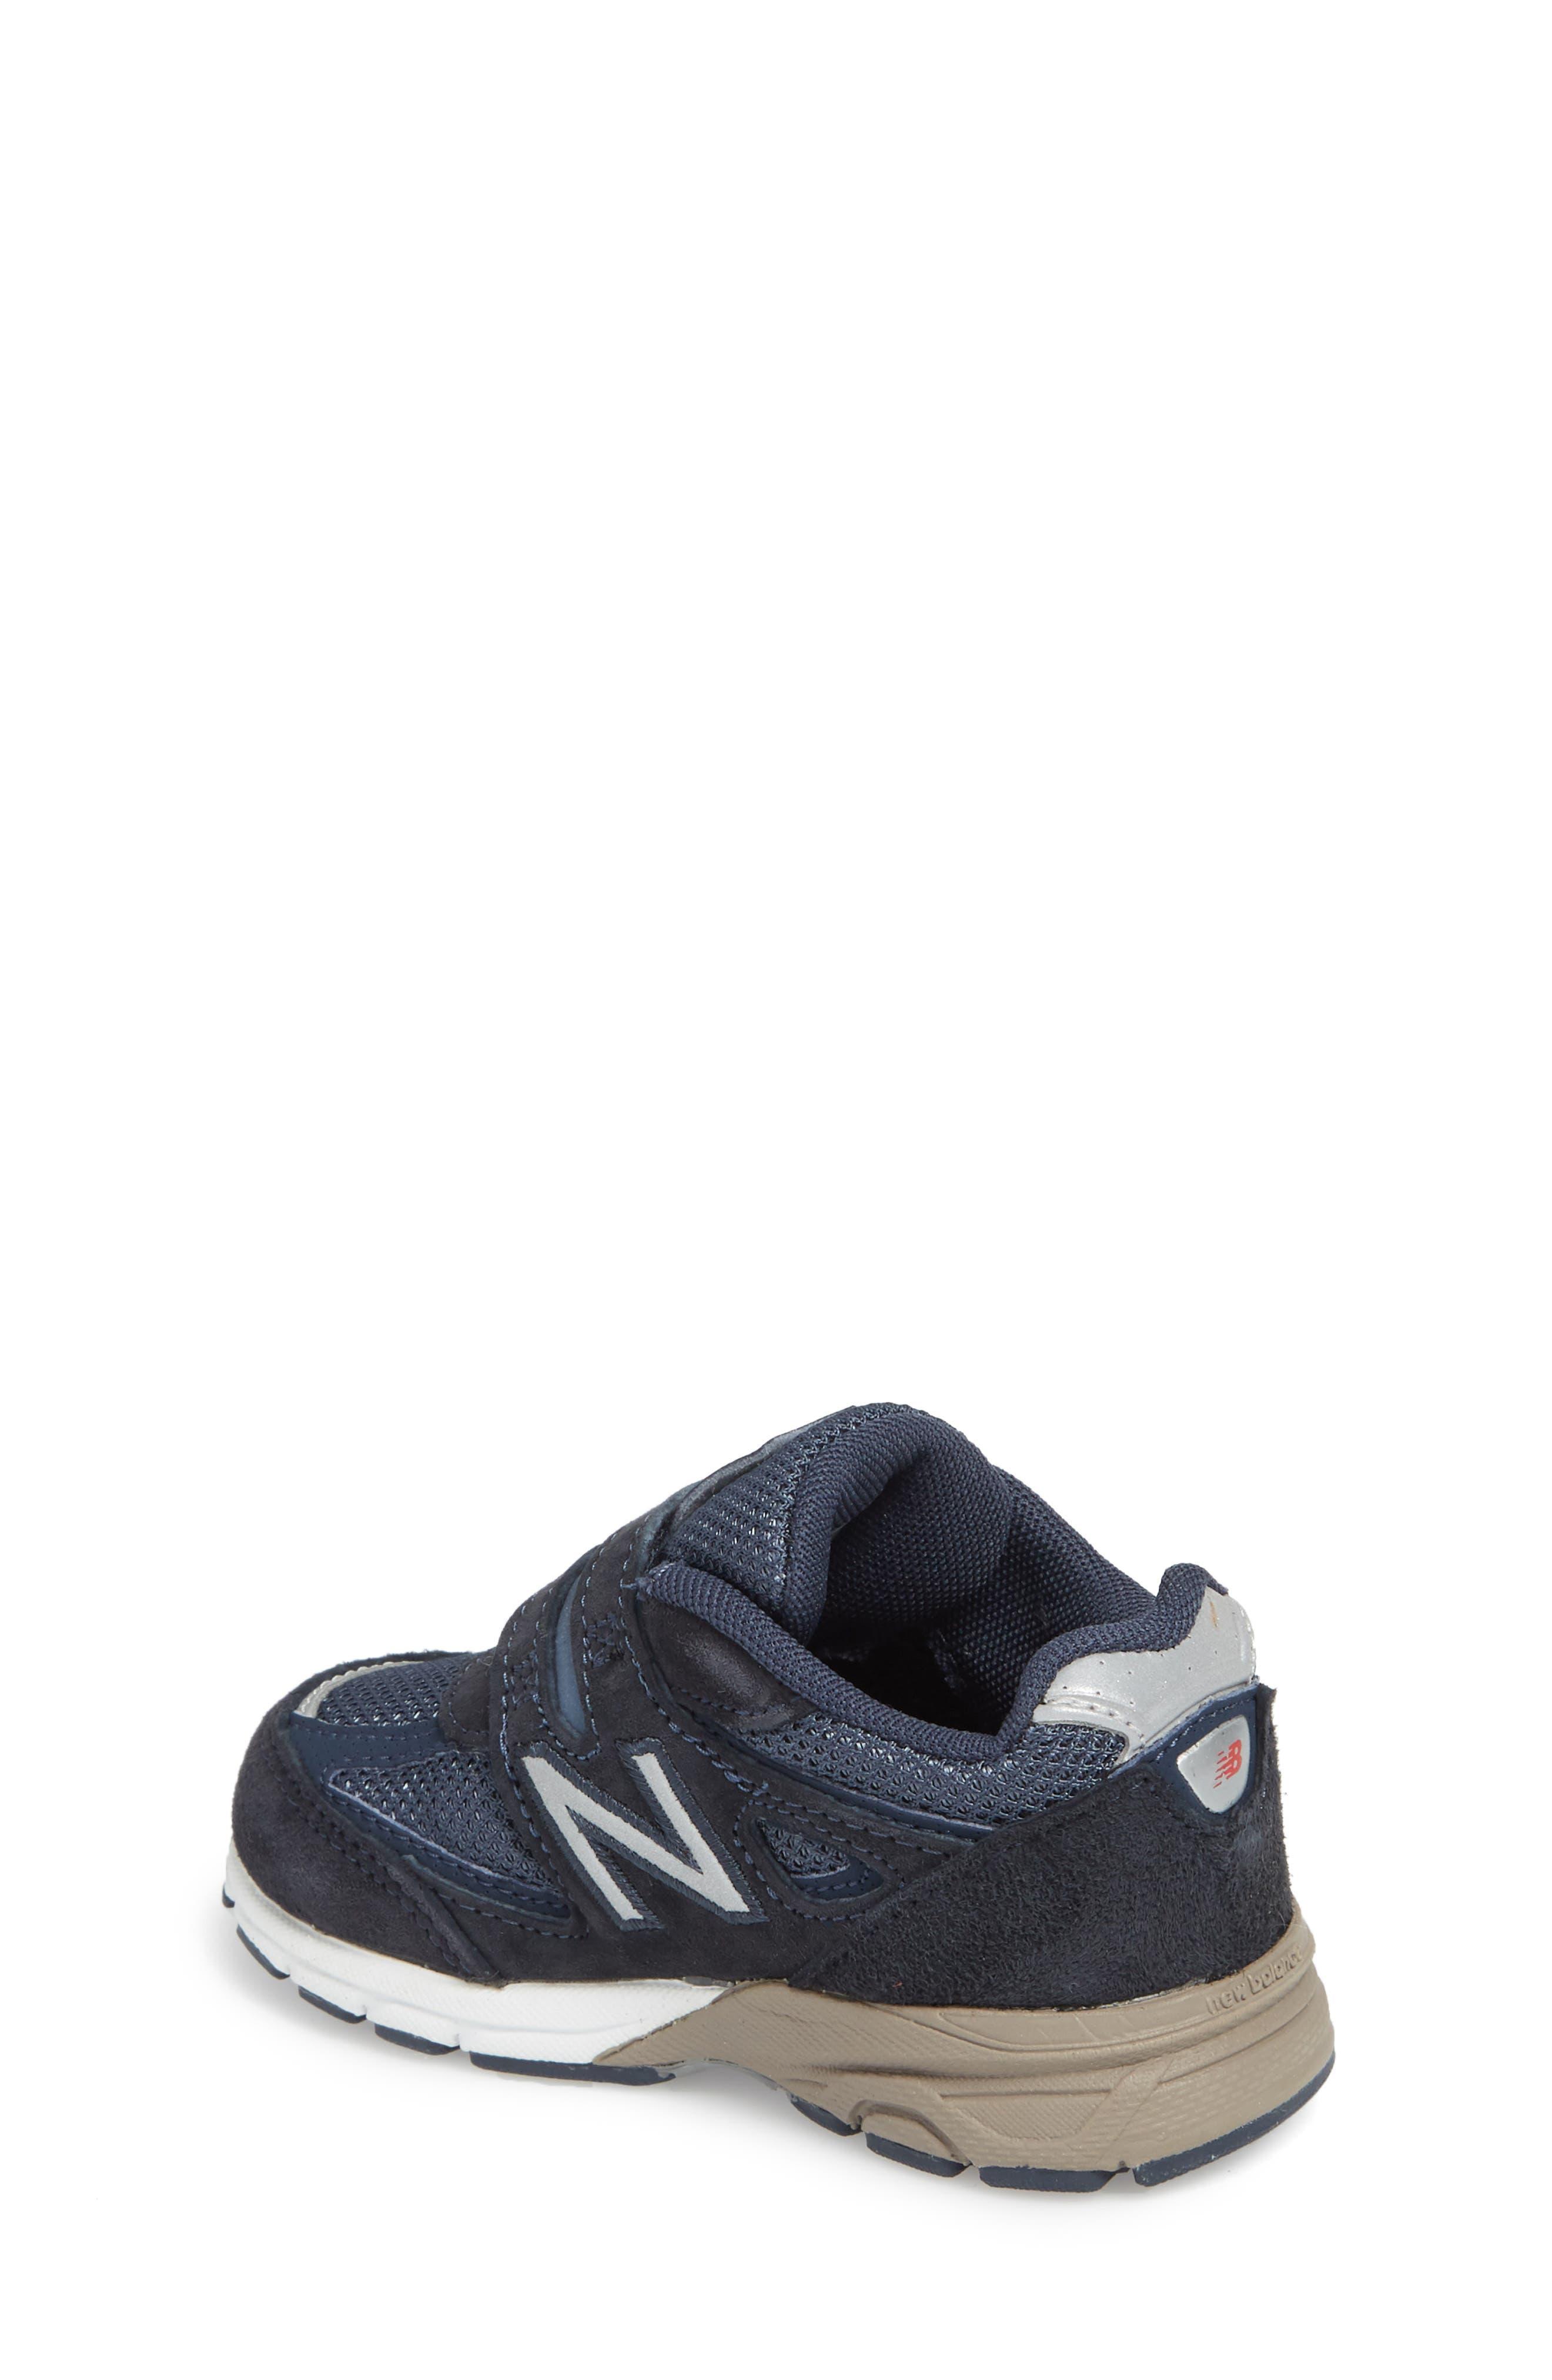 990v4 Sneaker,                             Alternate thumbnail 2, color,                             410